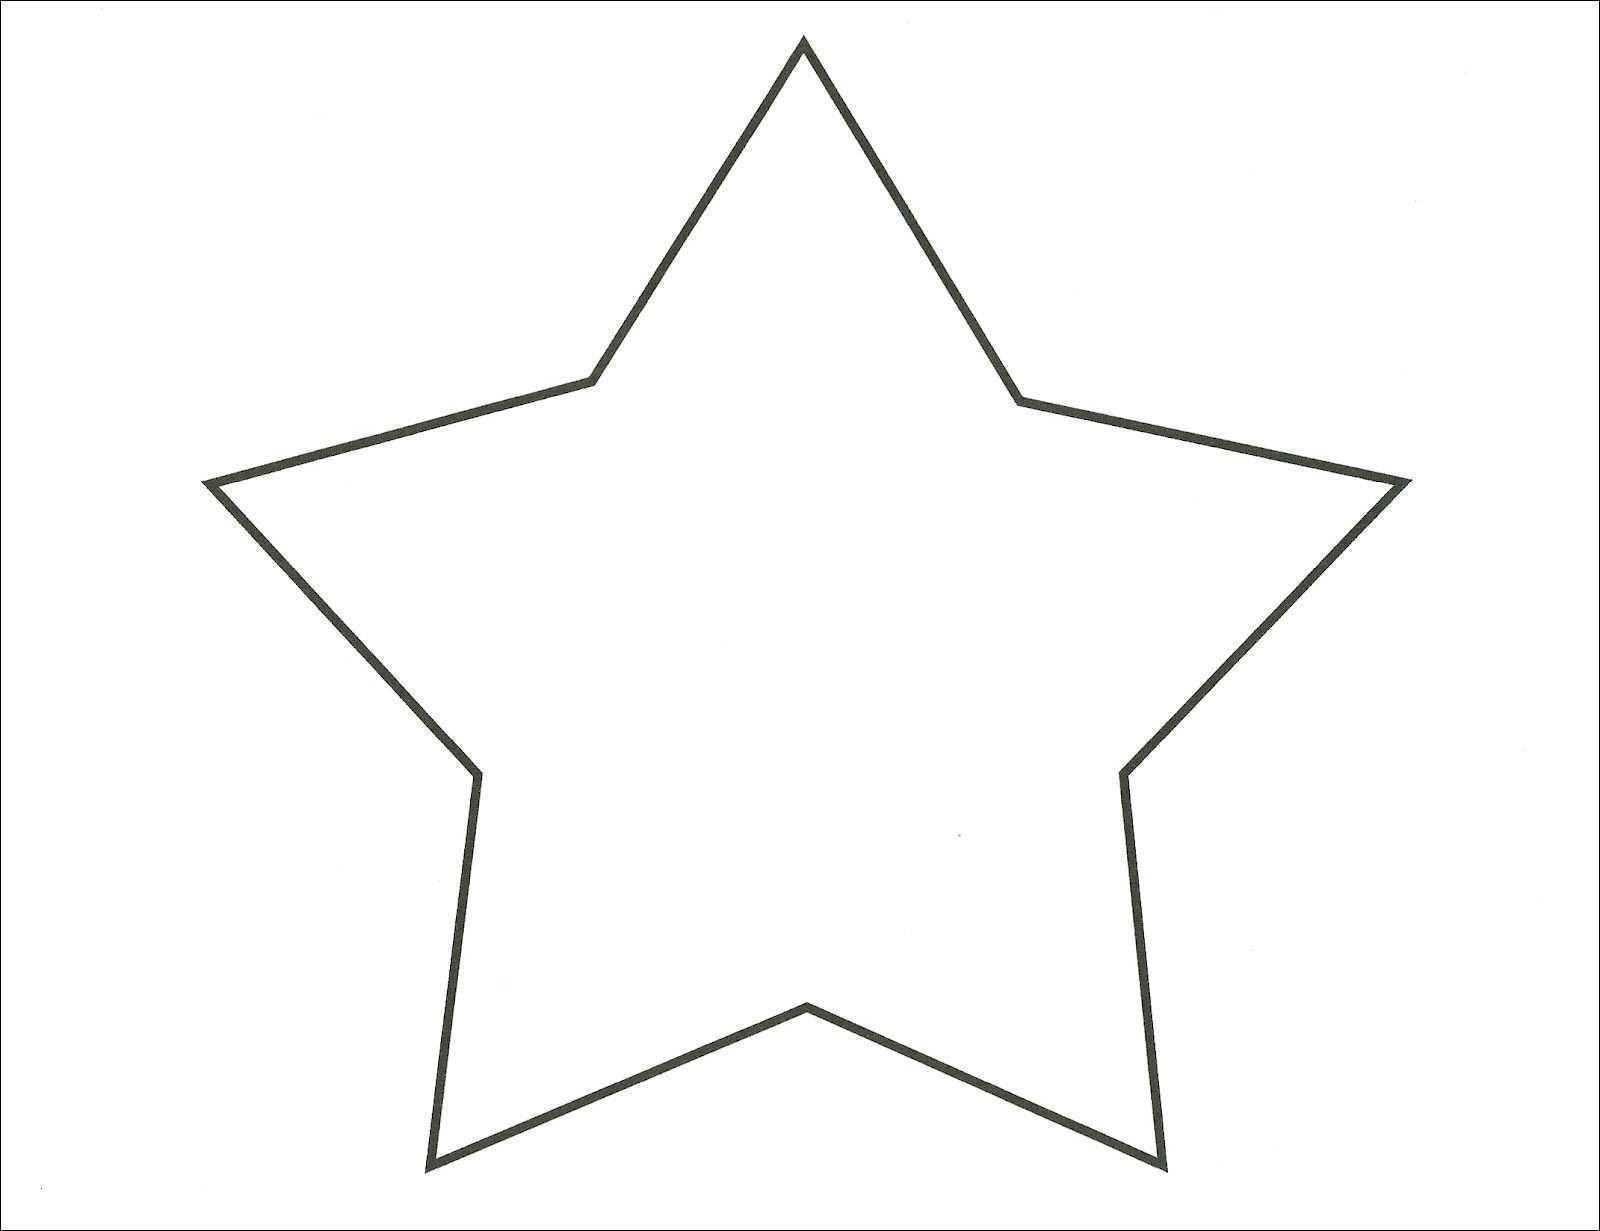 Ausmalbilder Pokemon sonne Und Mond Inspirierend 29 Mond Und Sterne Ausmalbild Bilder